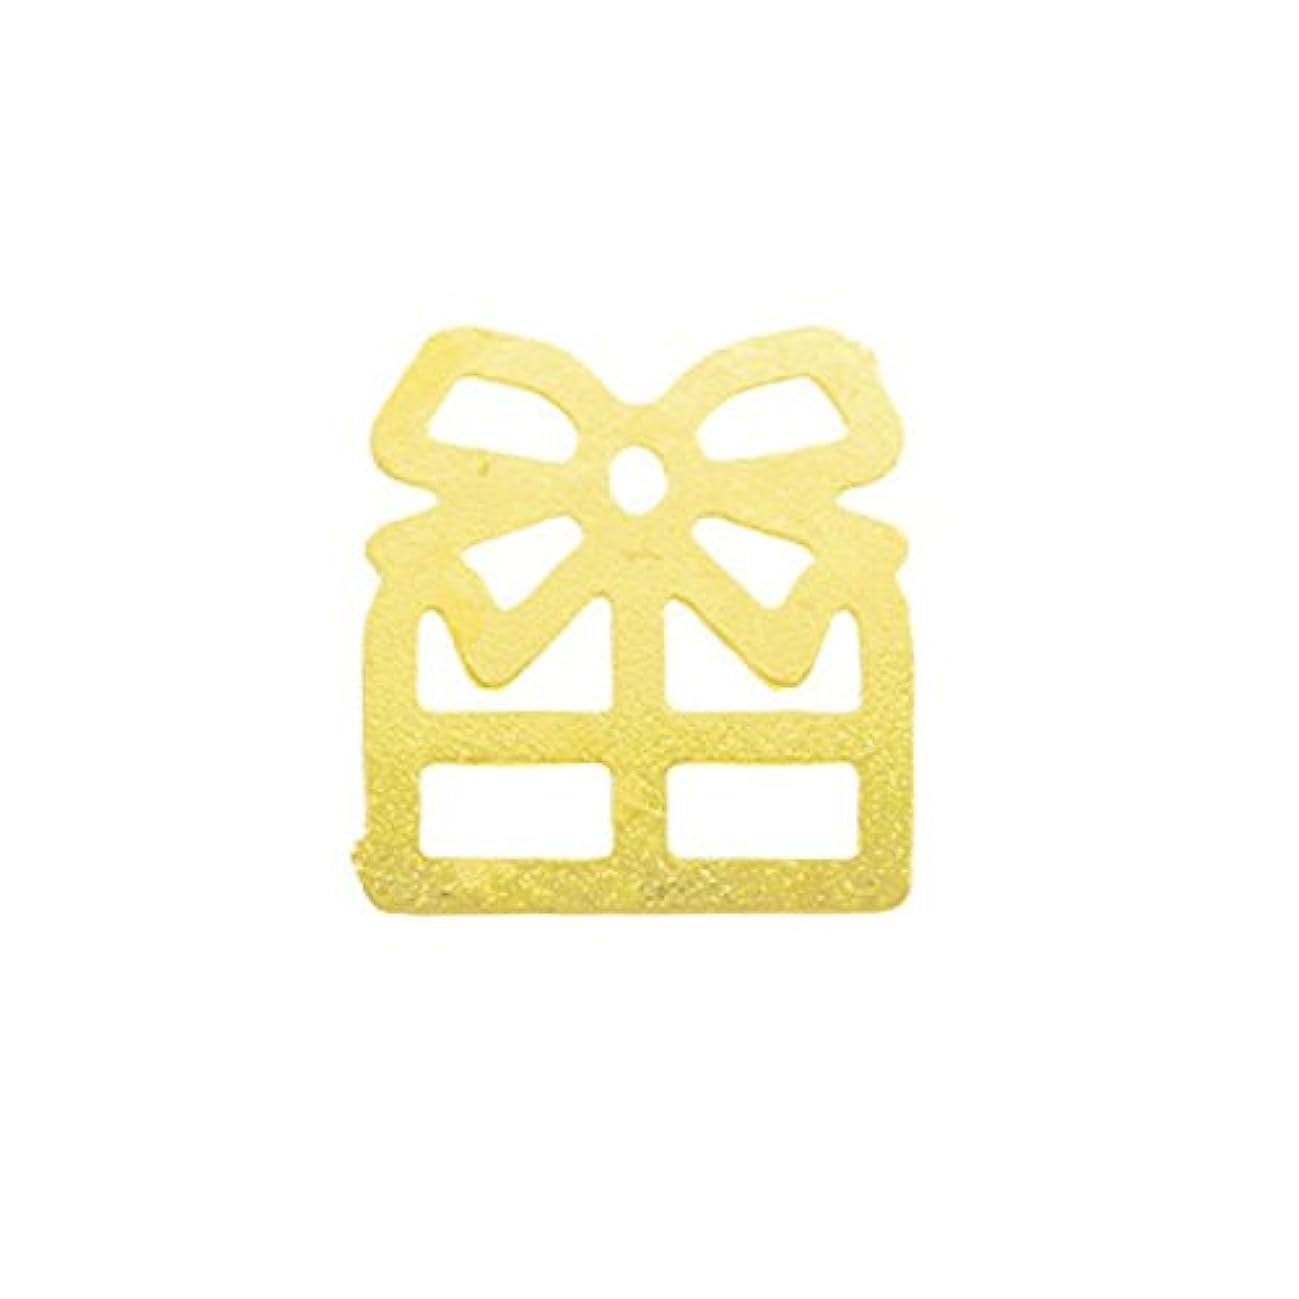 マージン奨学金推進メタルプレート(ネイルストーン デコ) プレゼント ゴールド (30個入り)(ネイル用品)